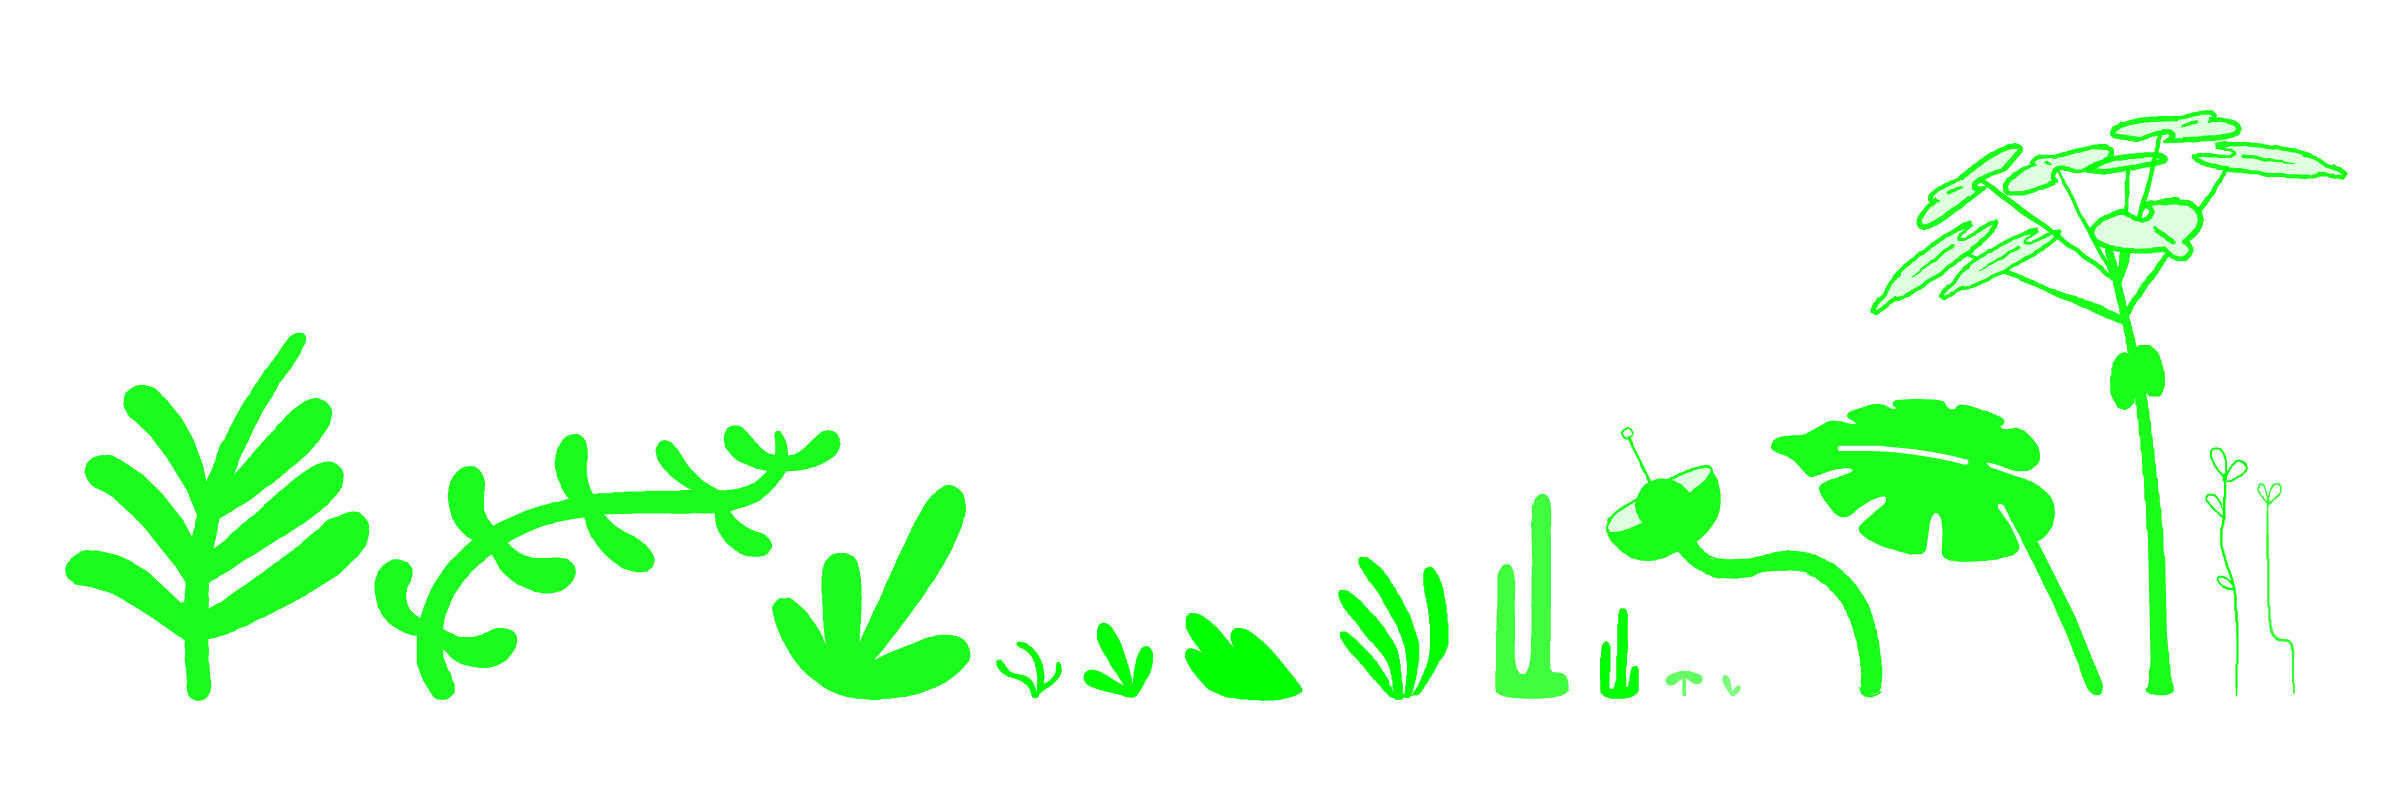 process_plants.png